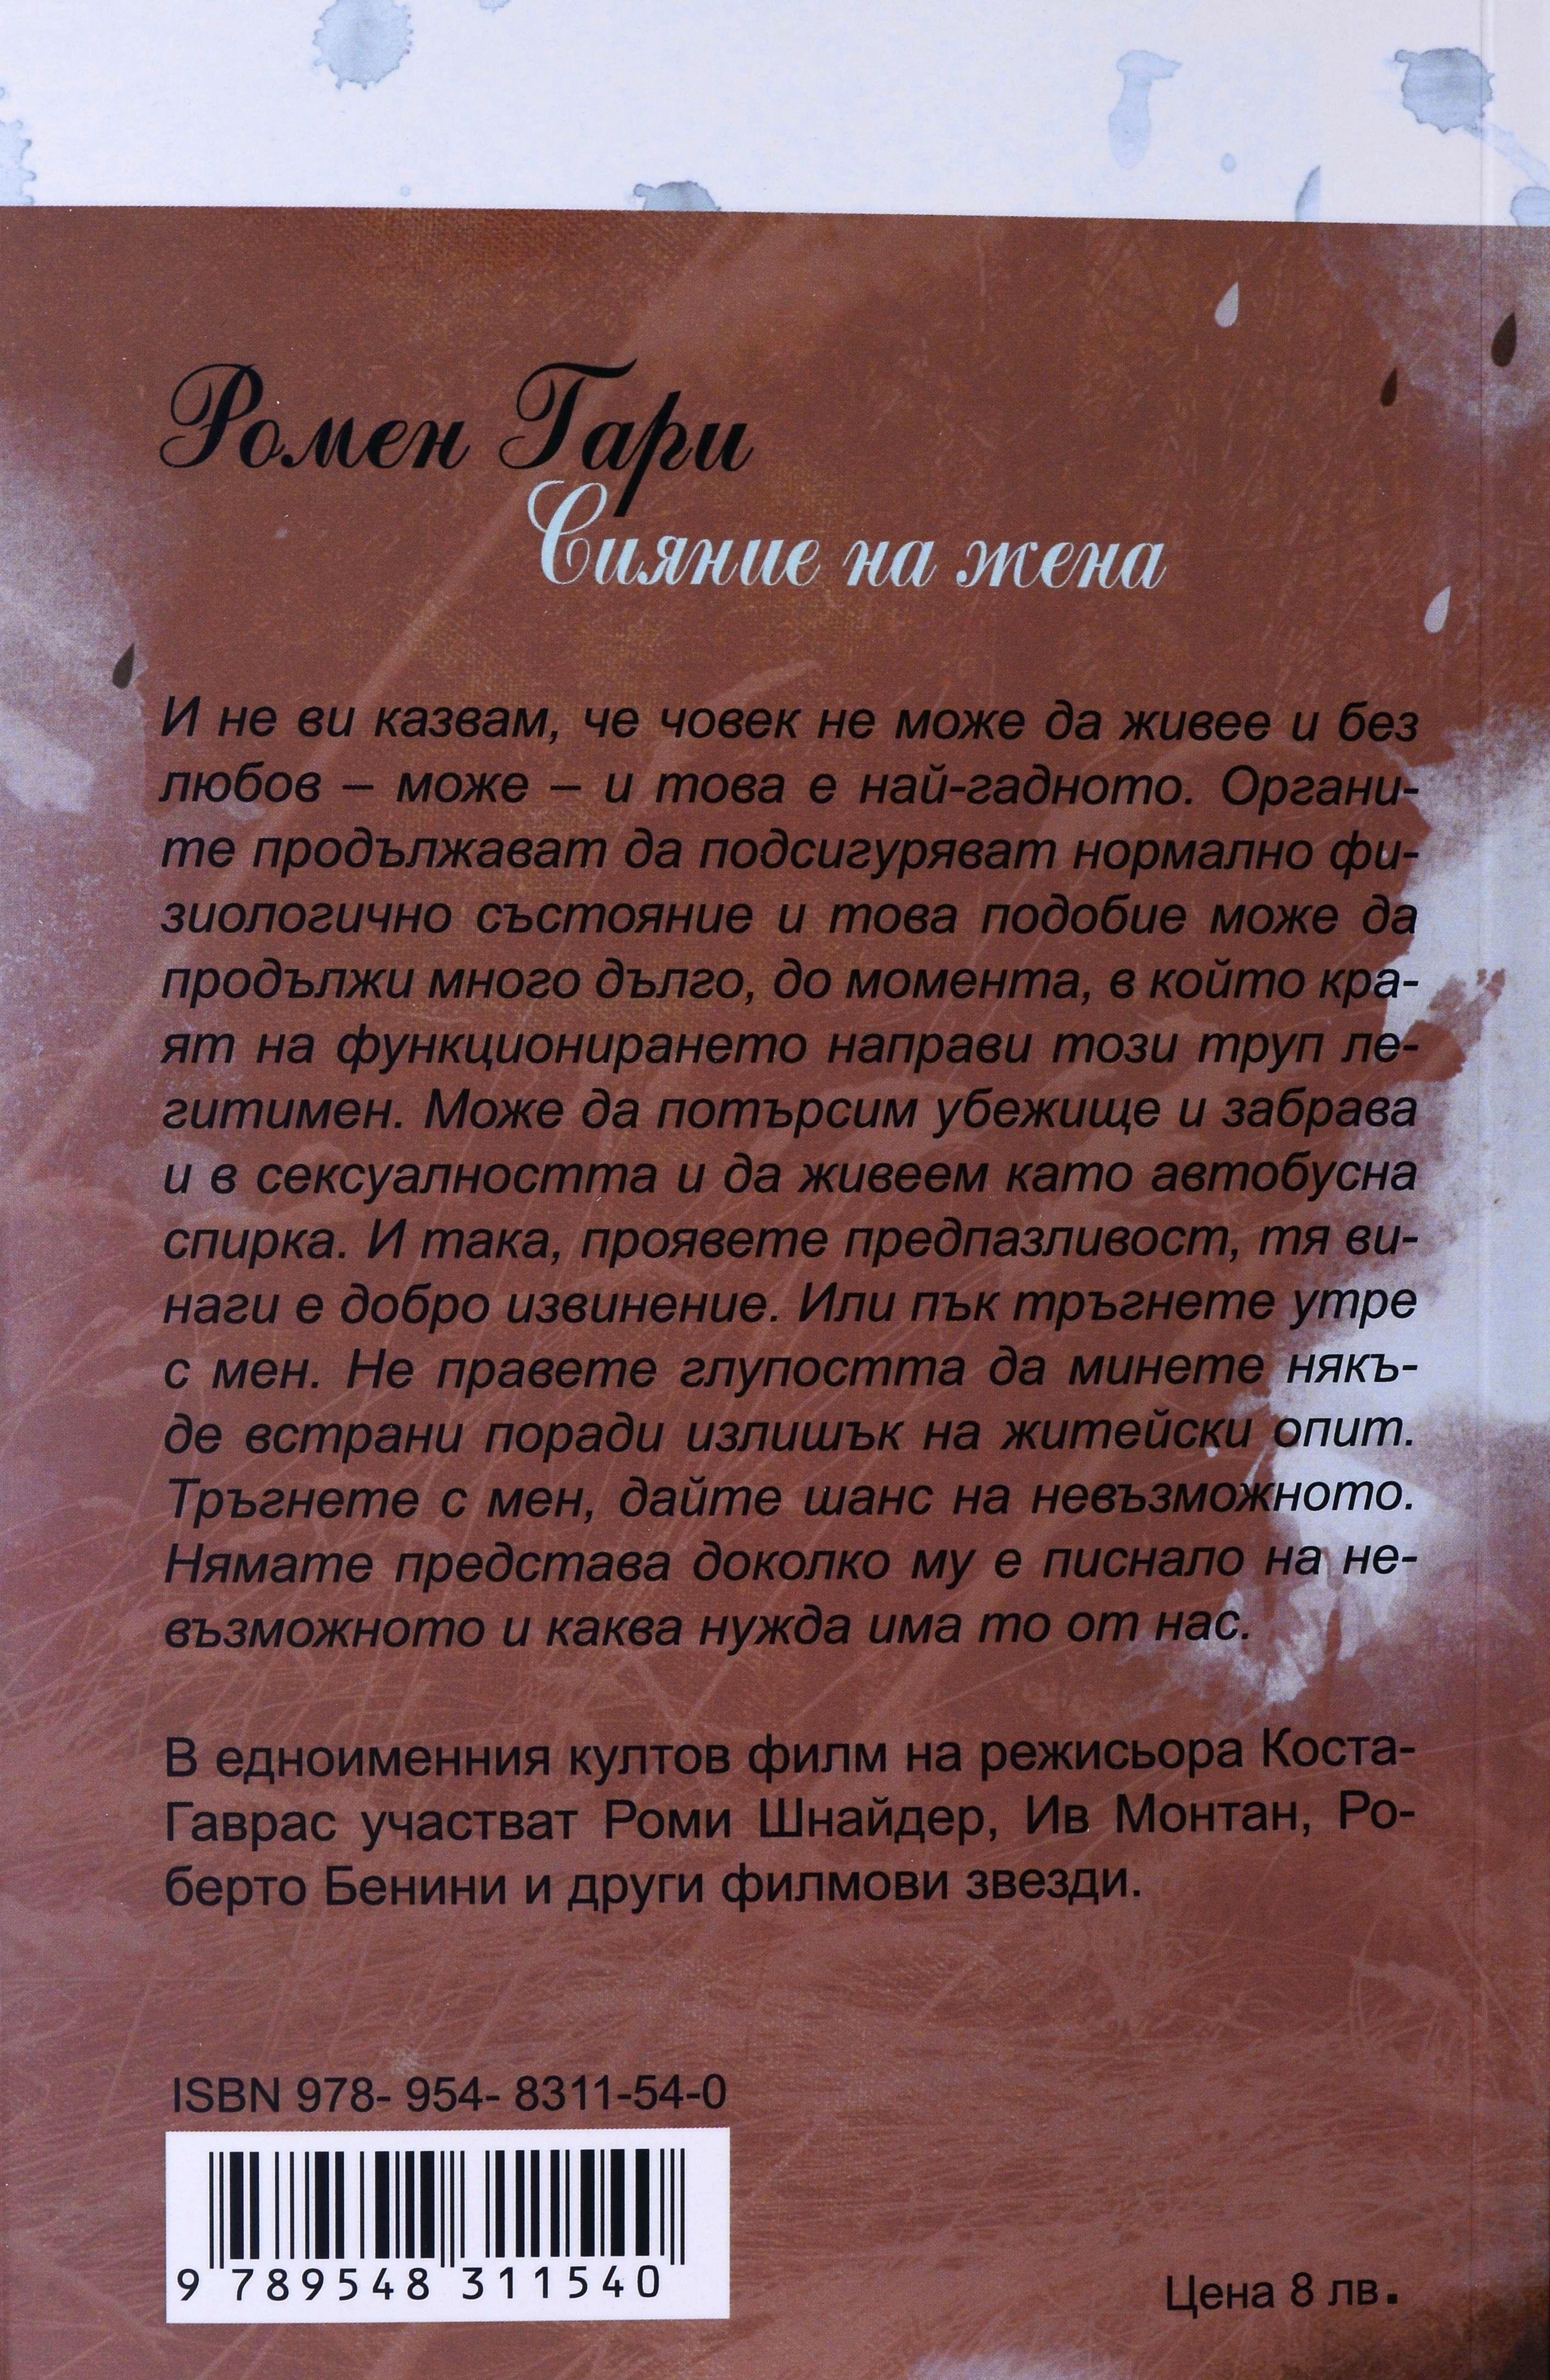 sijanie-na-zhena-1 - 2